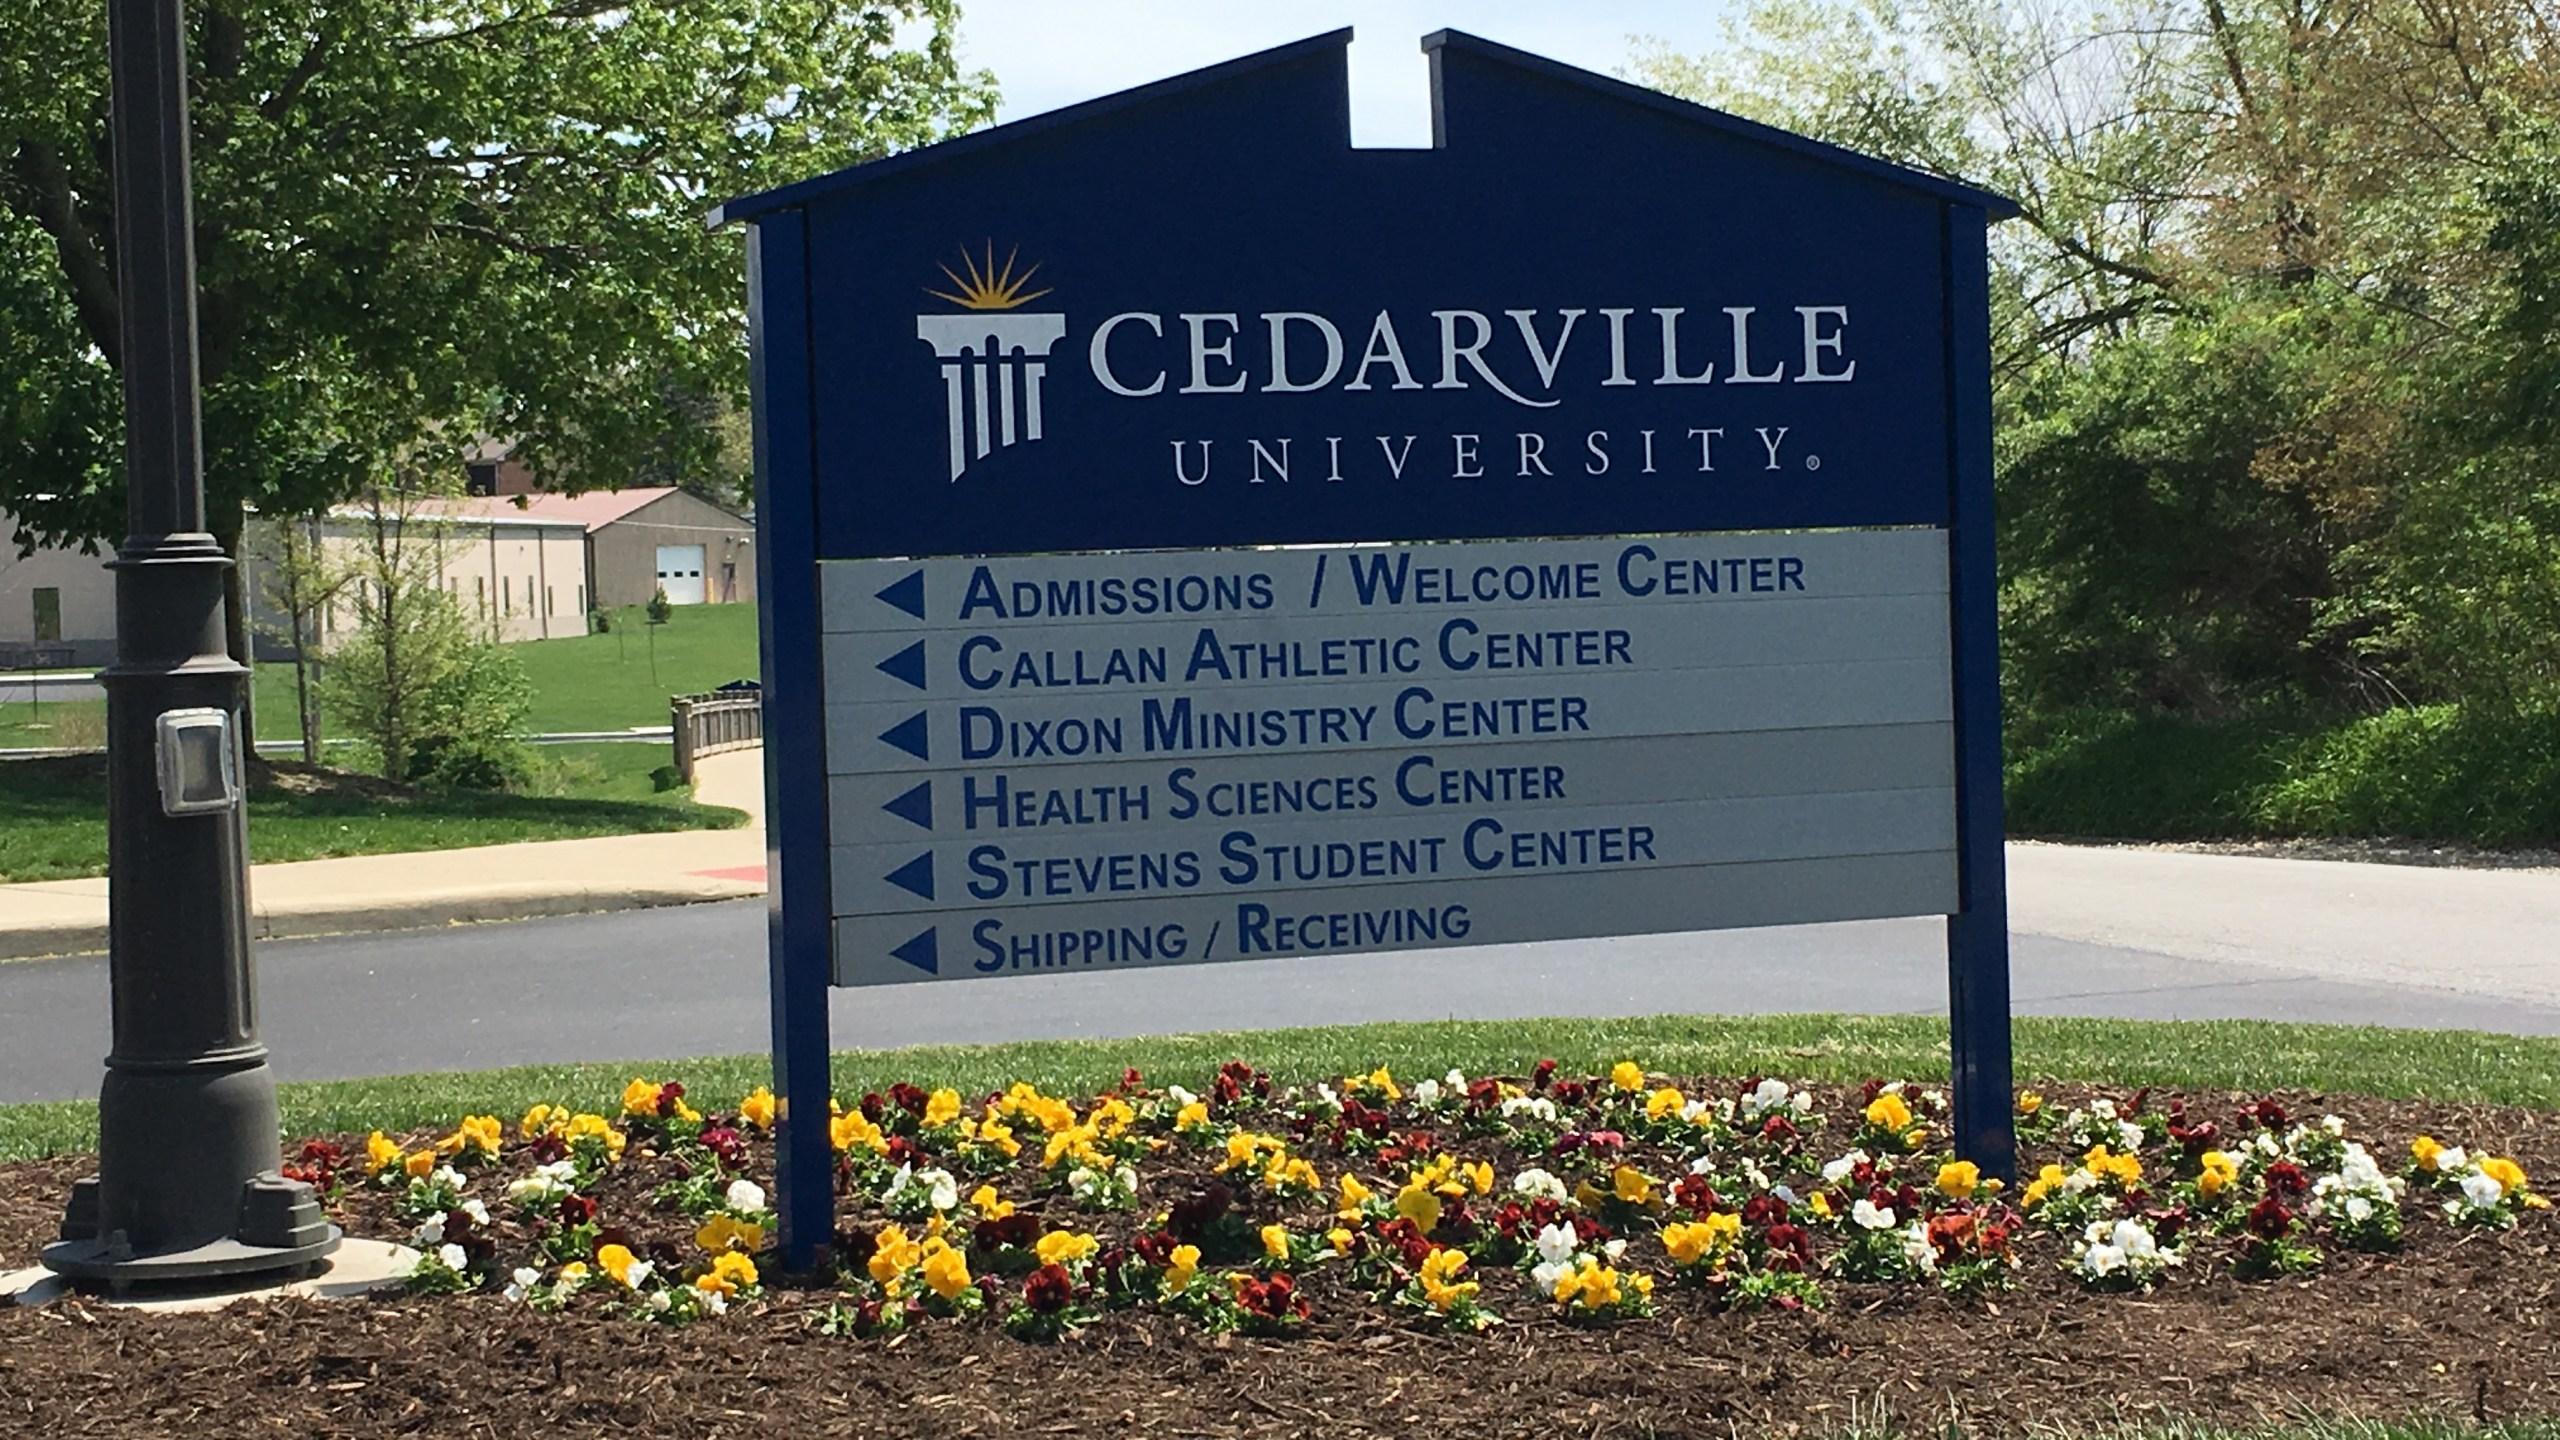 Cedarville University_243211